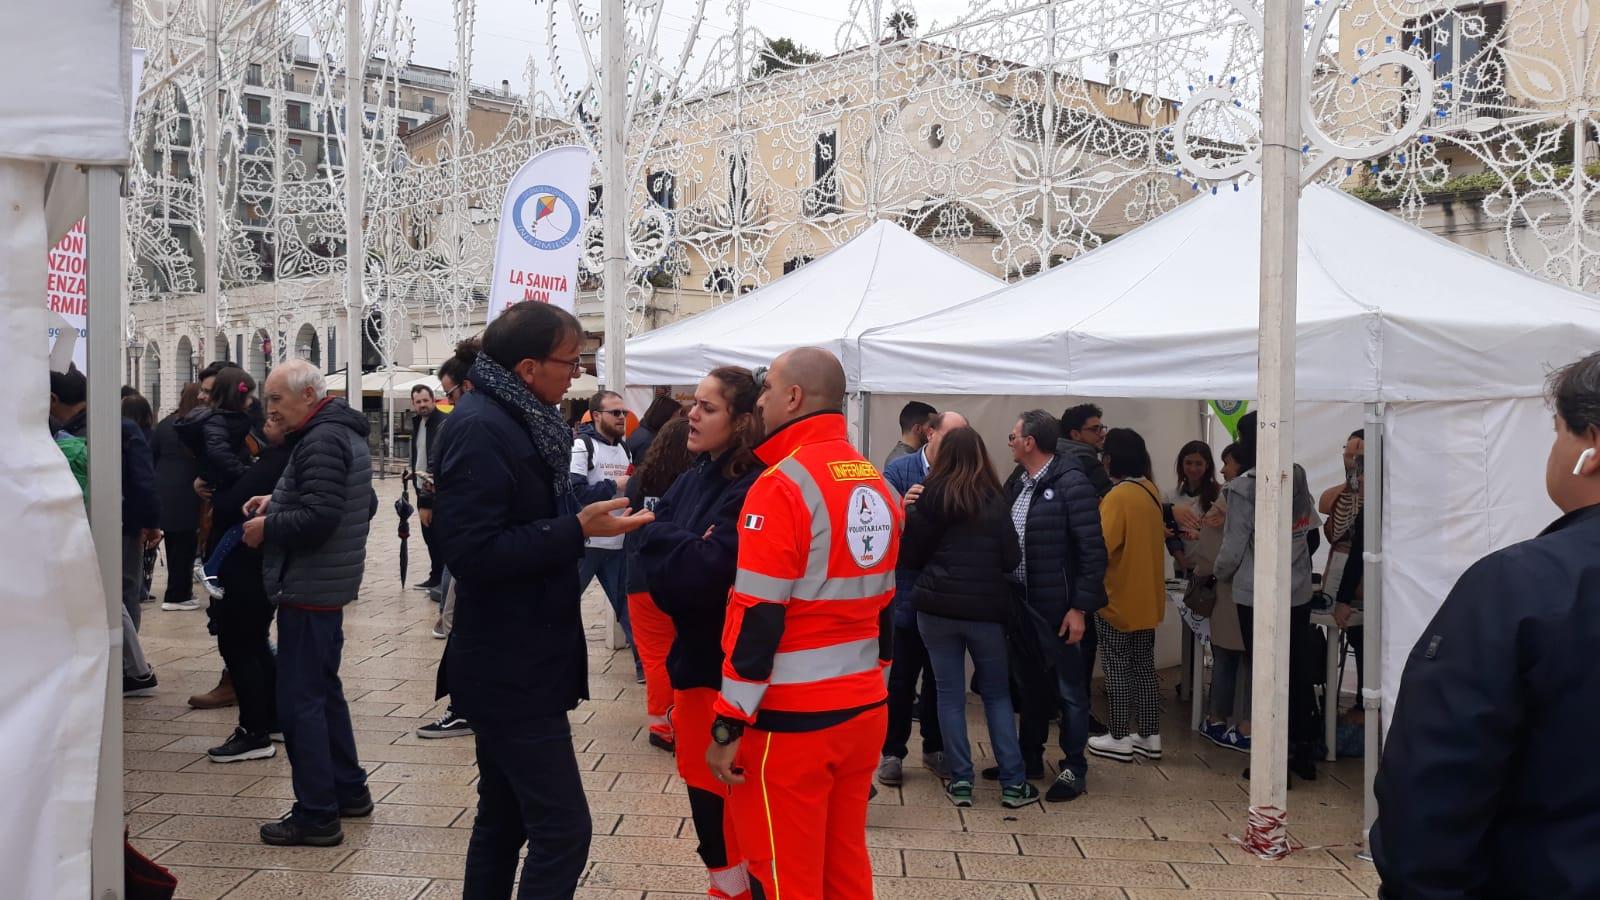 L'Opi Bari celebra la Giornata Internazionale dell'Internazionale in piazza del Ferrarese 6